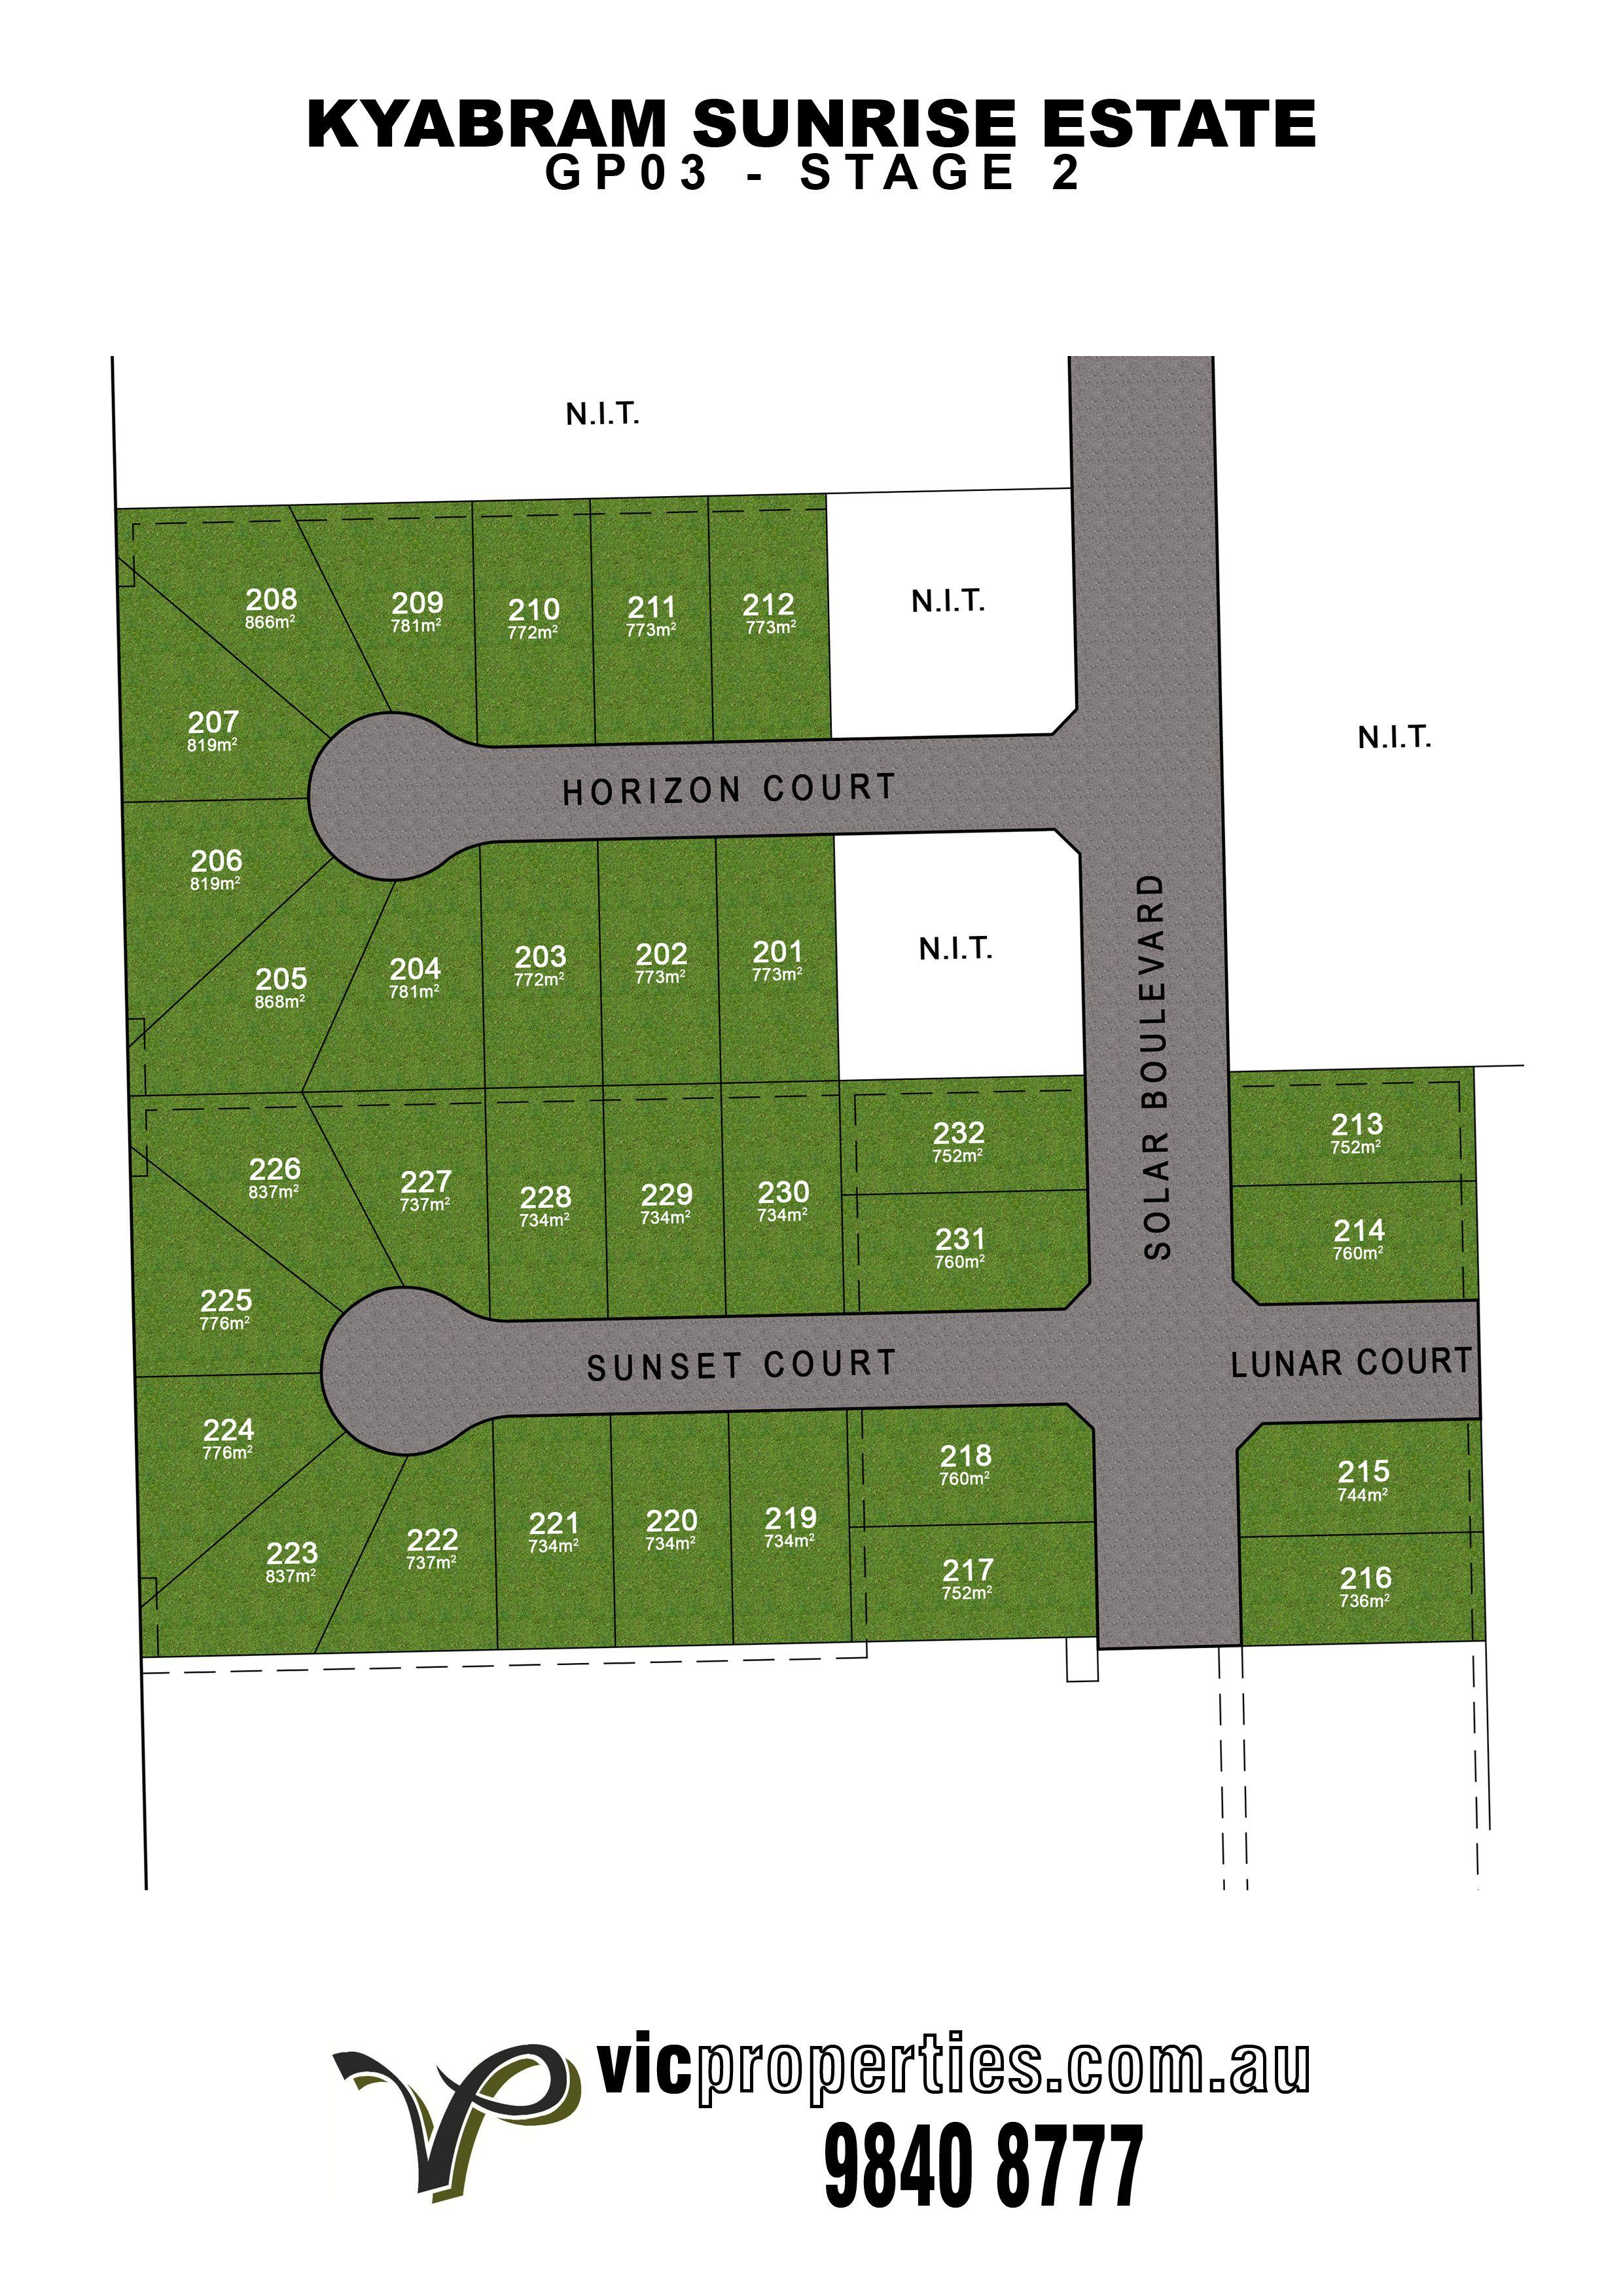 Lot 214/ Solar Boulevard, Kyabram VIC 3620